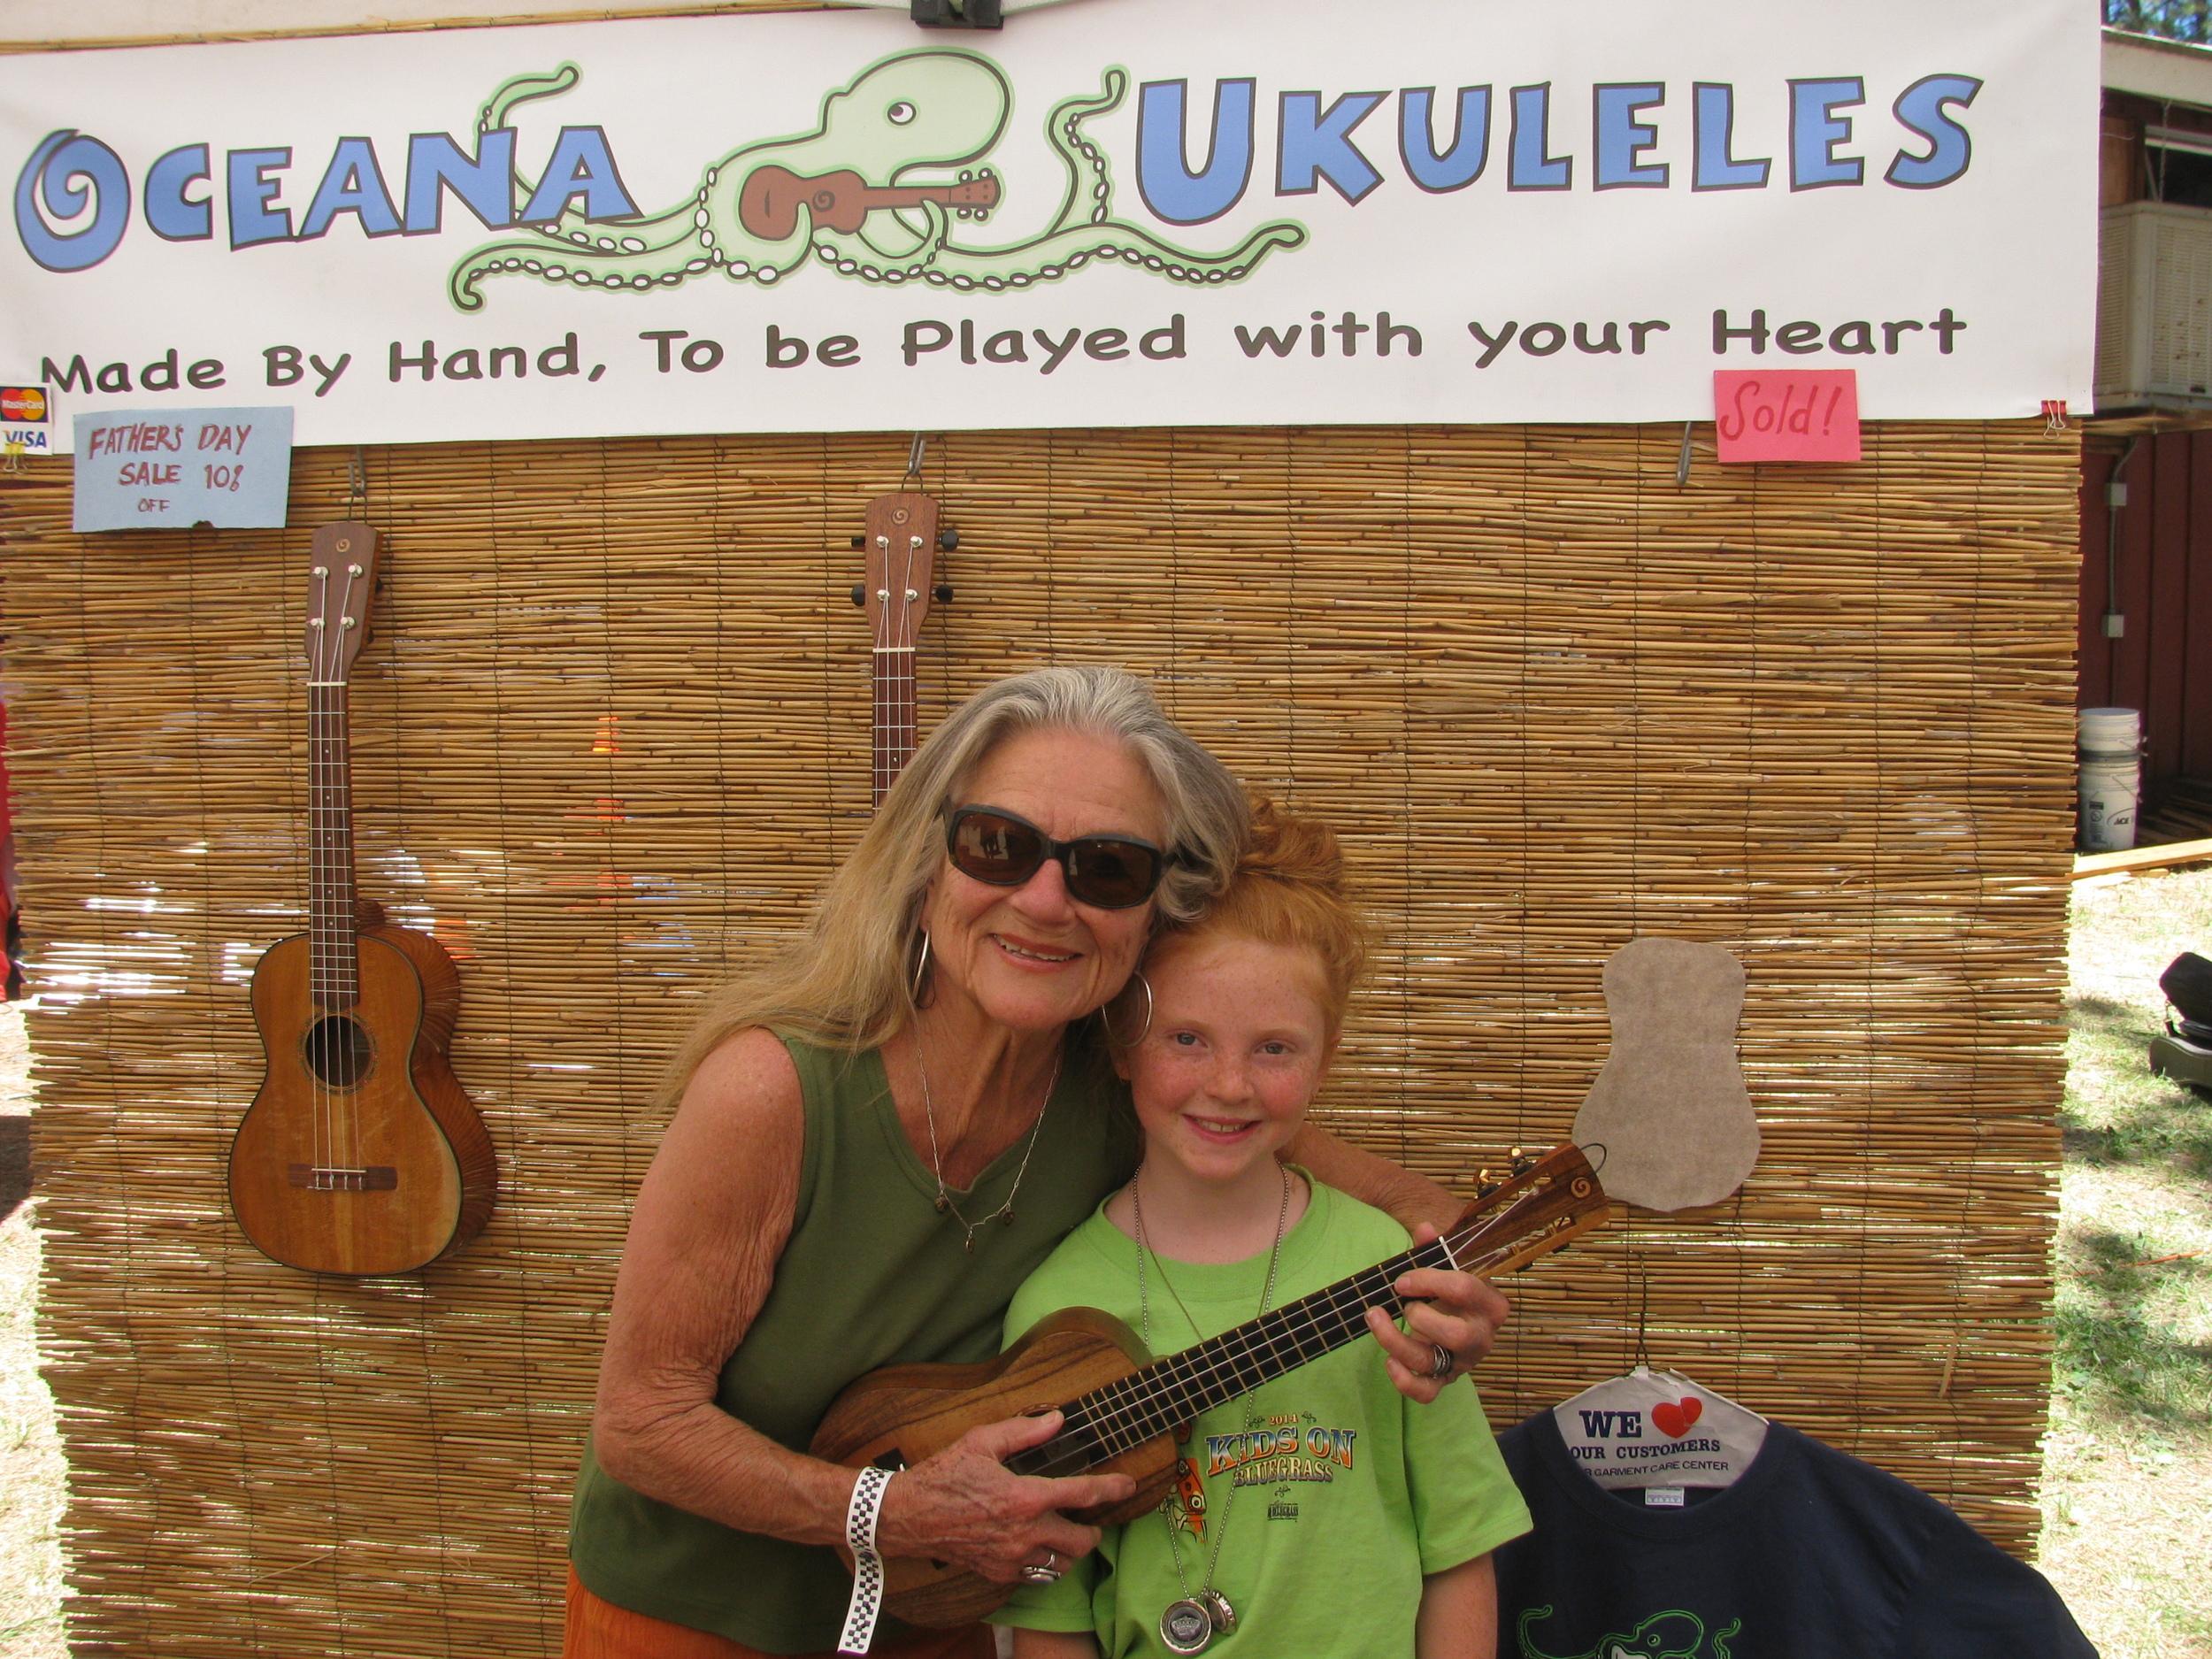 La Wanda Welcome to the Oceana Ukulele Family